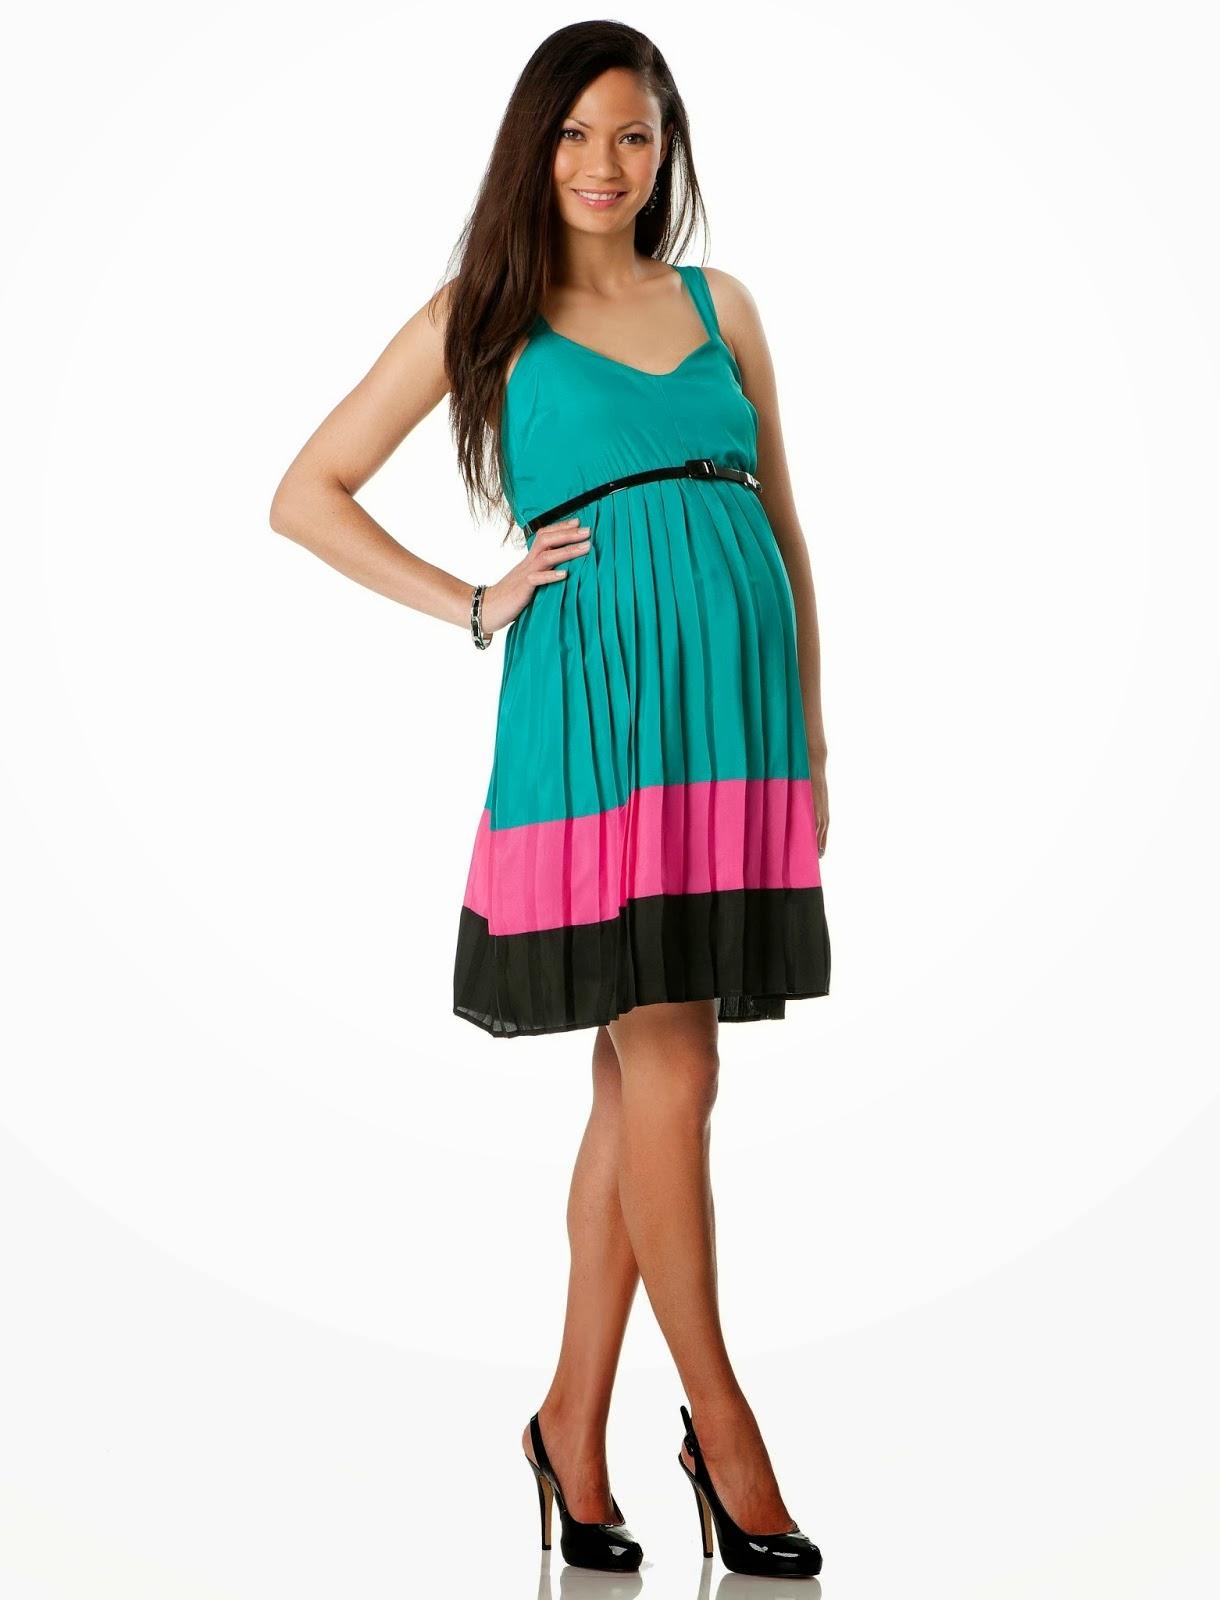 imagenes de ropa moderna de mujer - imagenes de ropa | Saldos moda mujer prendas de vestir, calzado, lencería